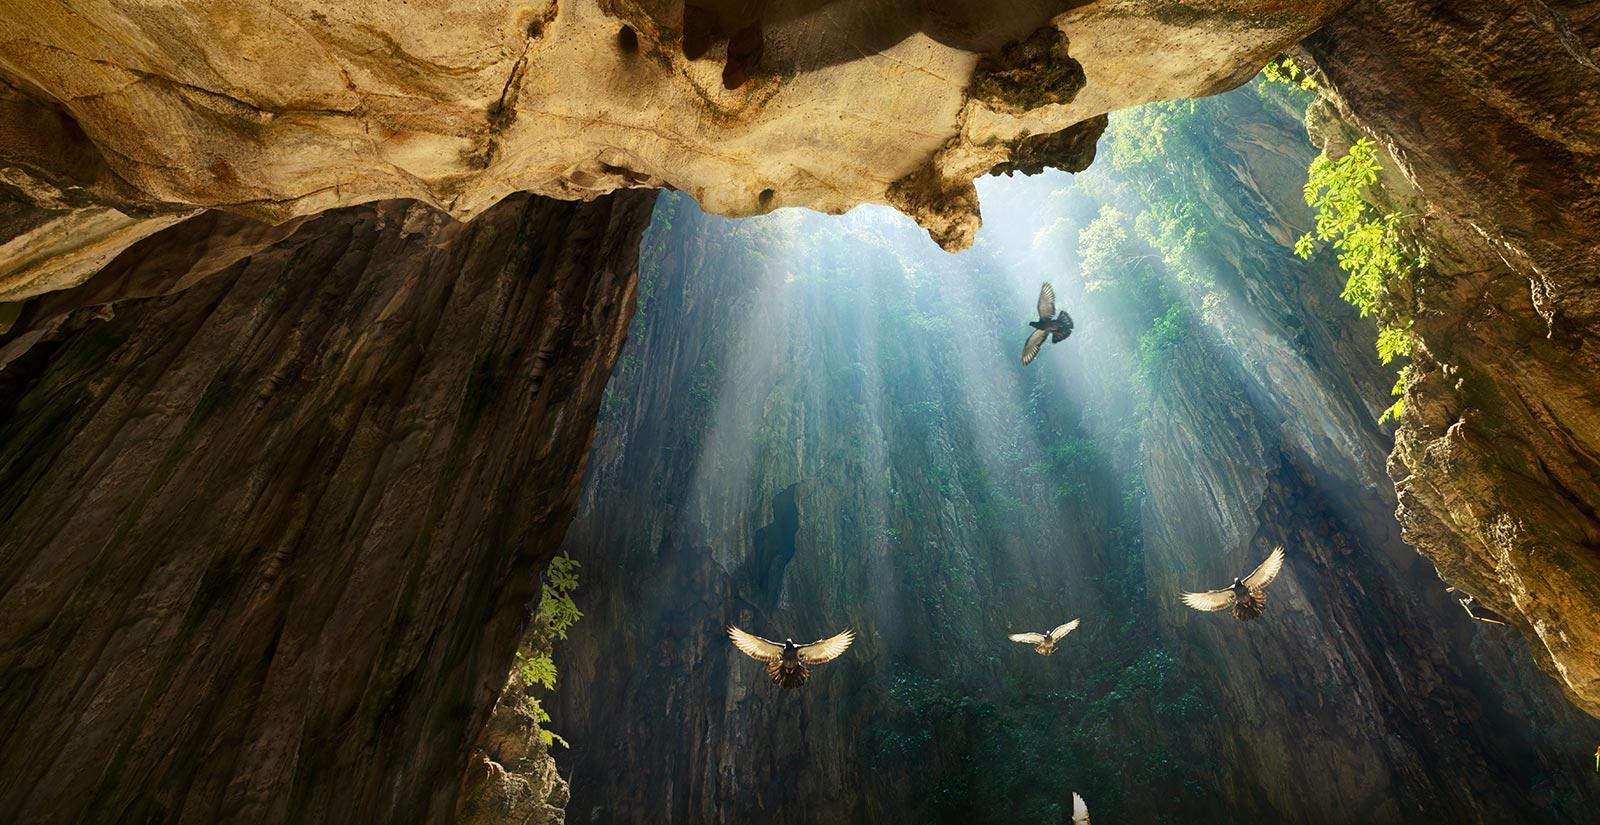 Silhouette dans une grotte avec un ouit de lumière